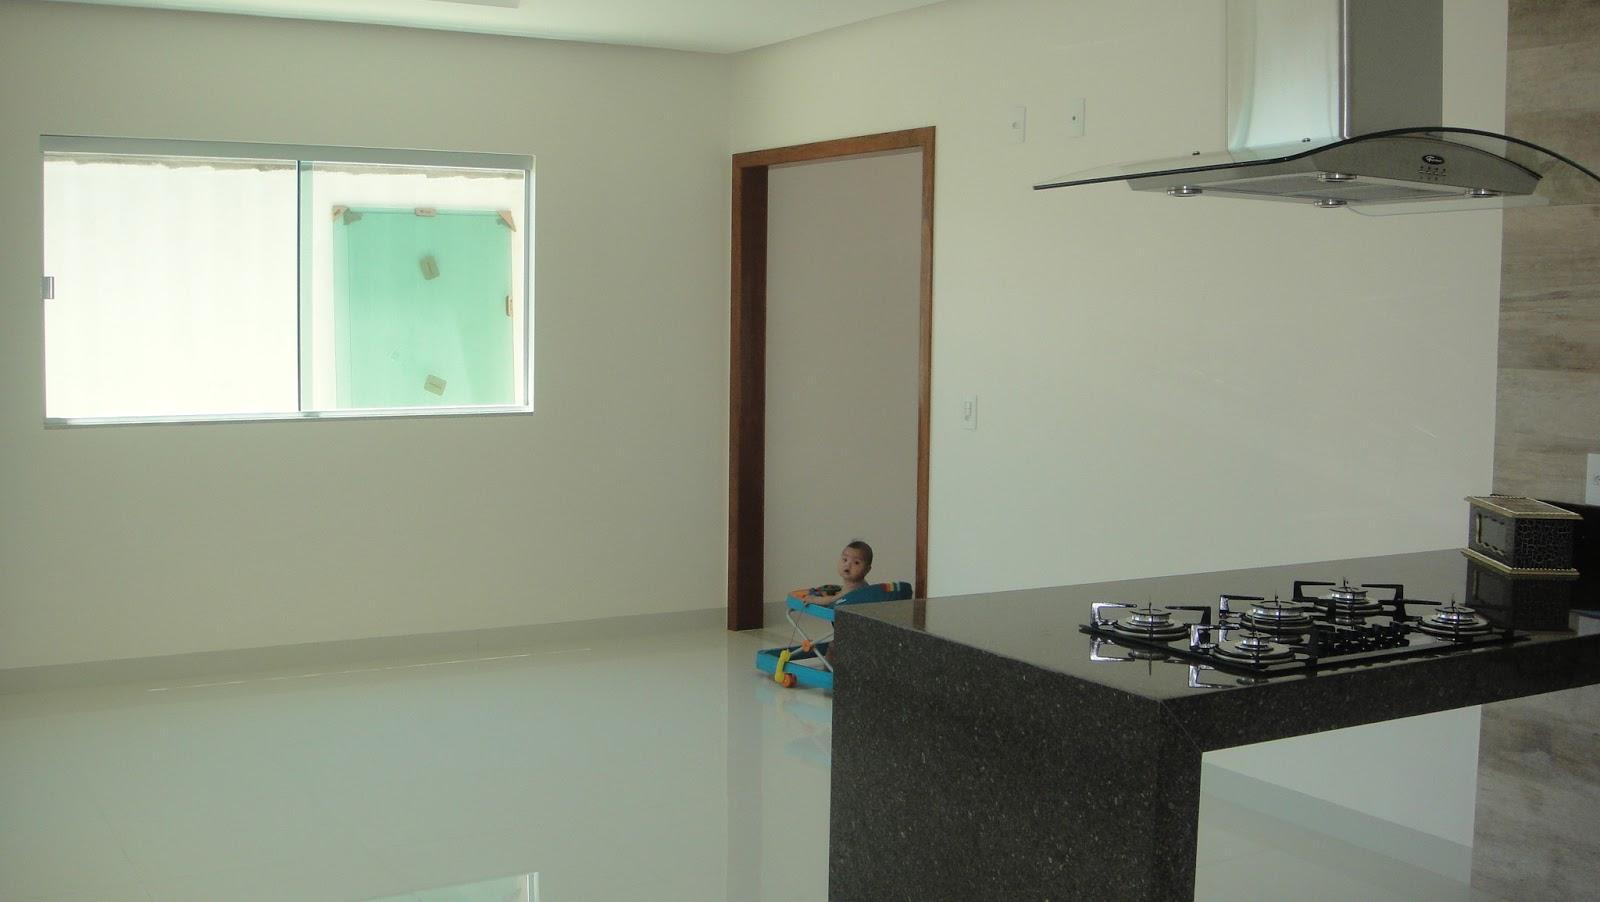 cozinha planejada fischerIdéias de decoração para casa #2F6E78 1600 902